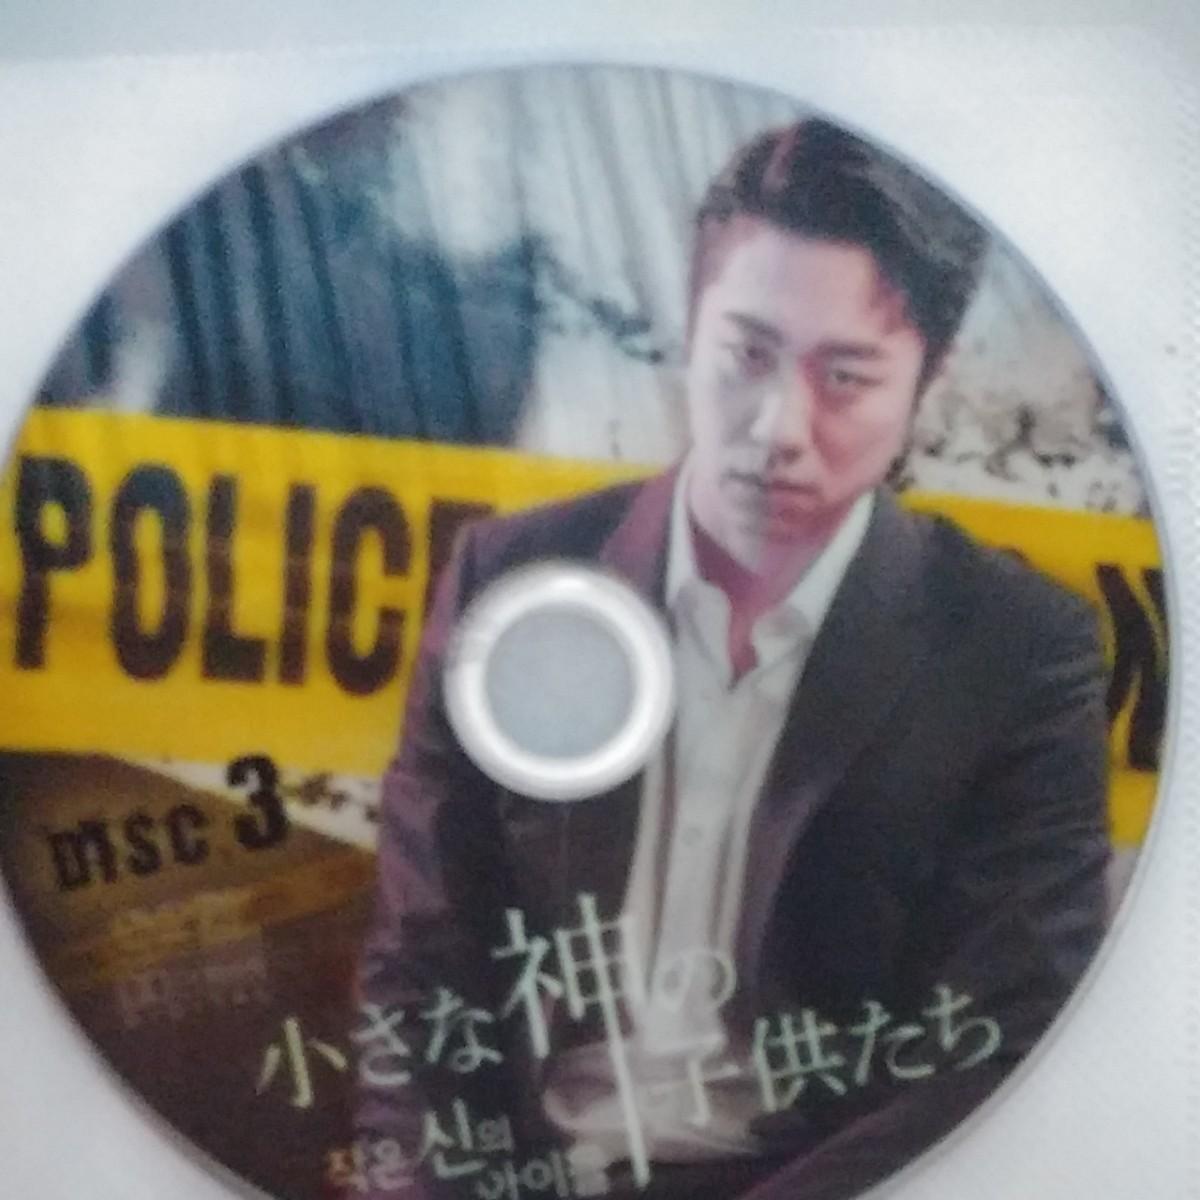 韓国ドラマ『パンドラ 小さな神の子供たち』出演カン・ジファン他 DVD 6枚全16話 レーベル印刷有 不織布発送